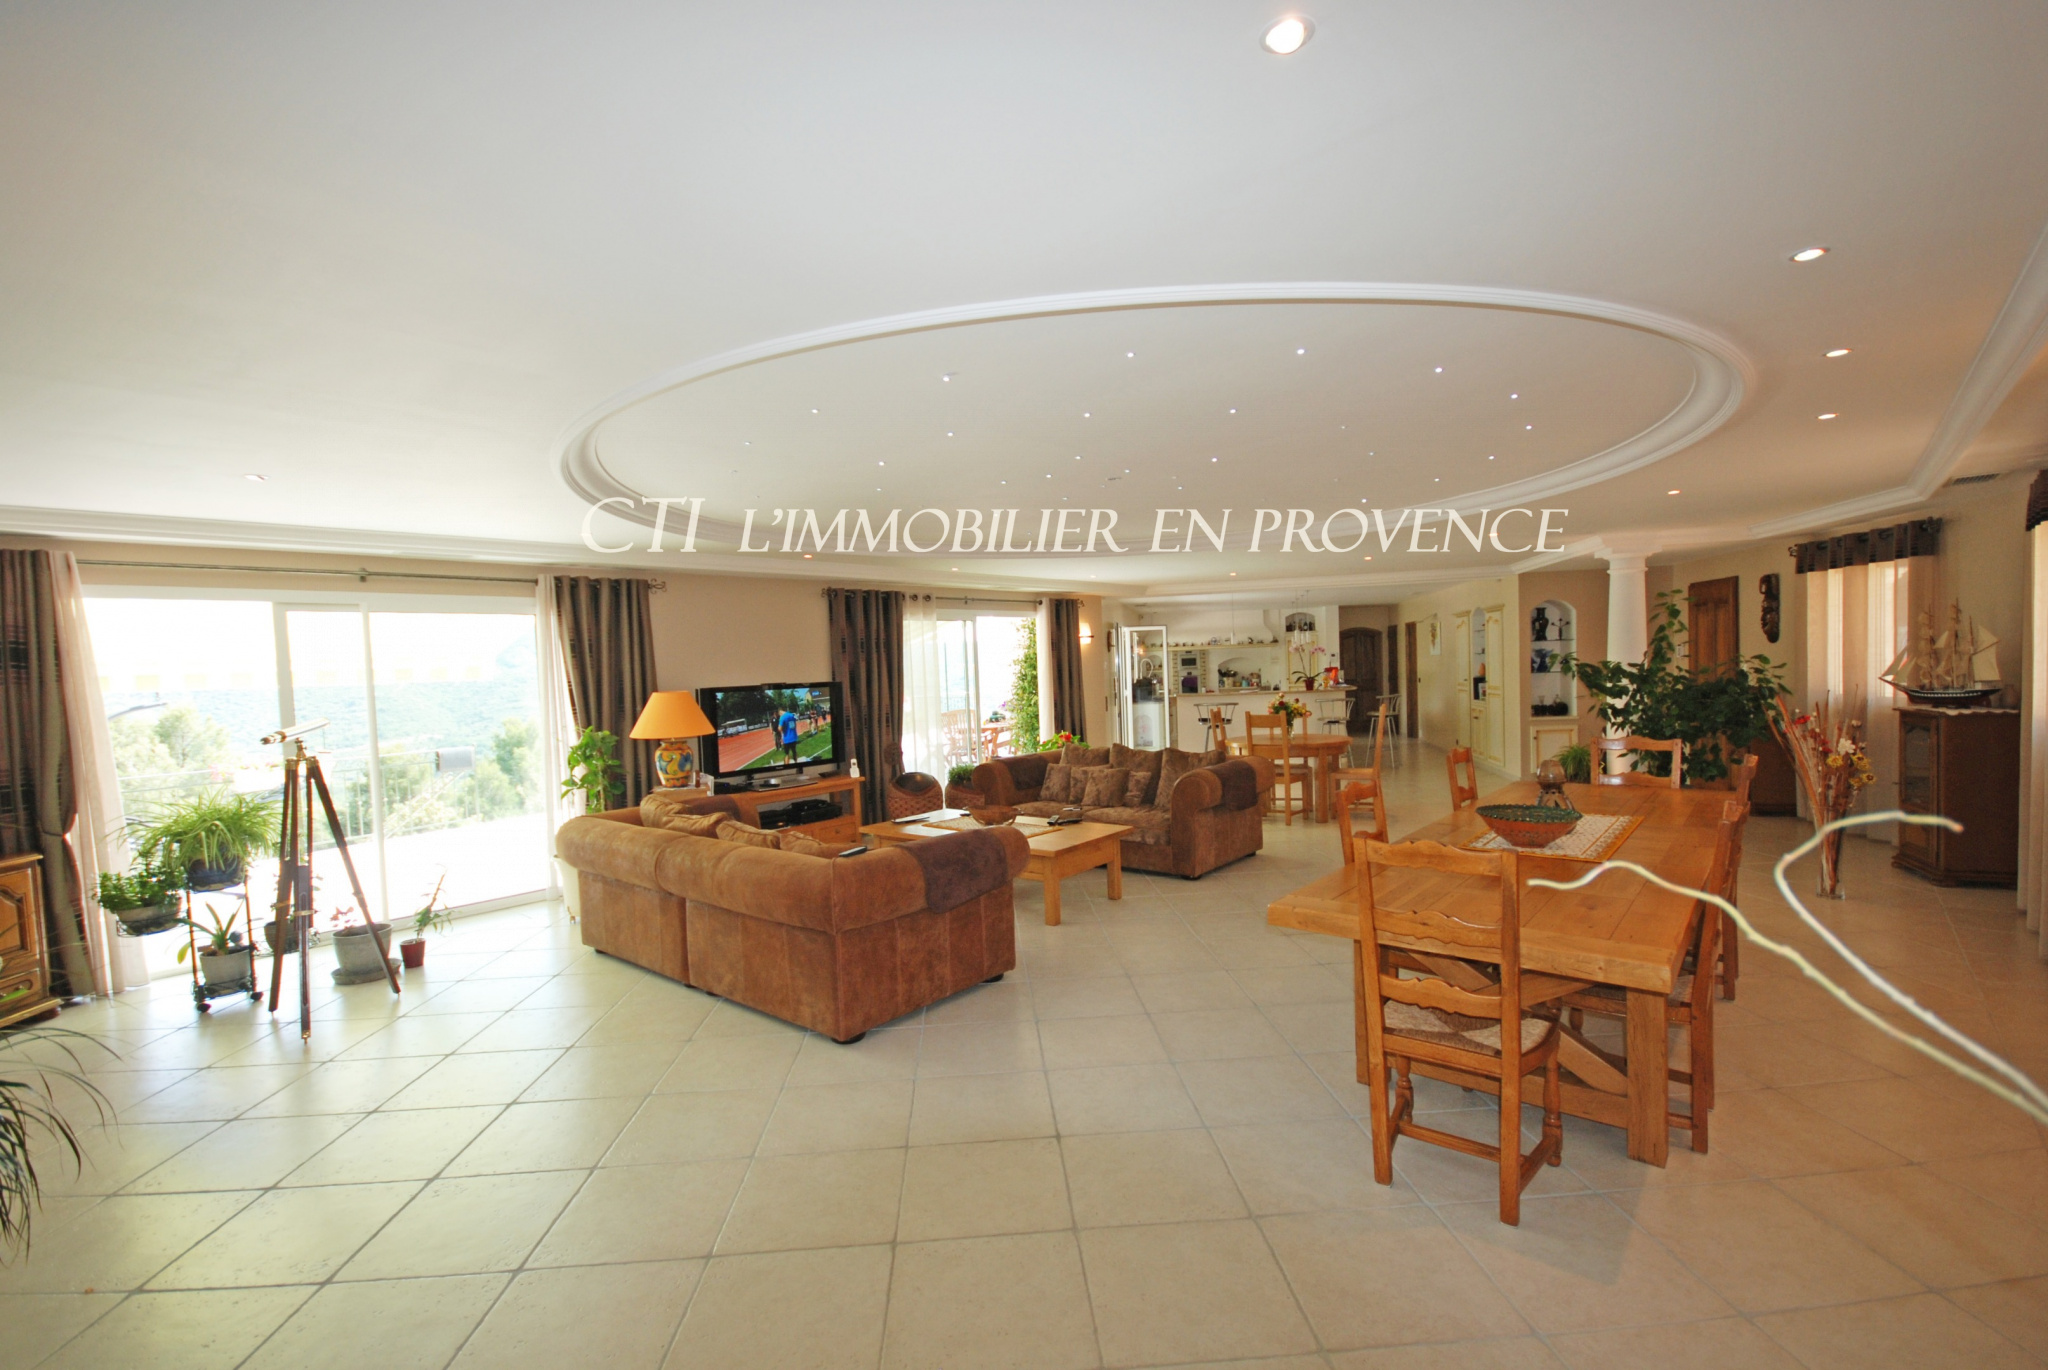 0 www.cti-provence.net, superbe maison d'architecte , belles prestations, piscine, vue Mont Ventoux